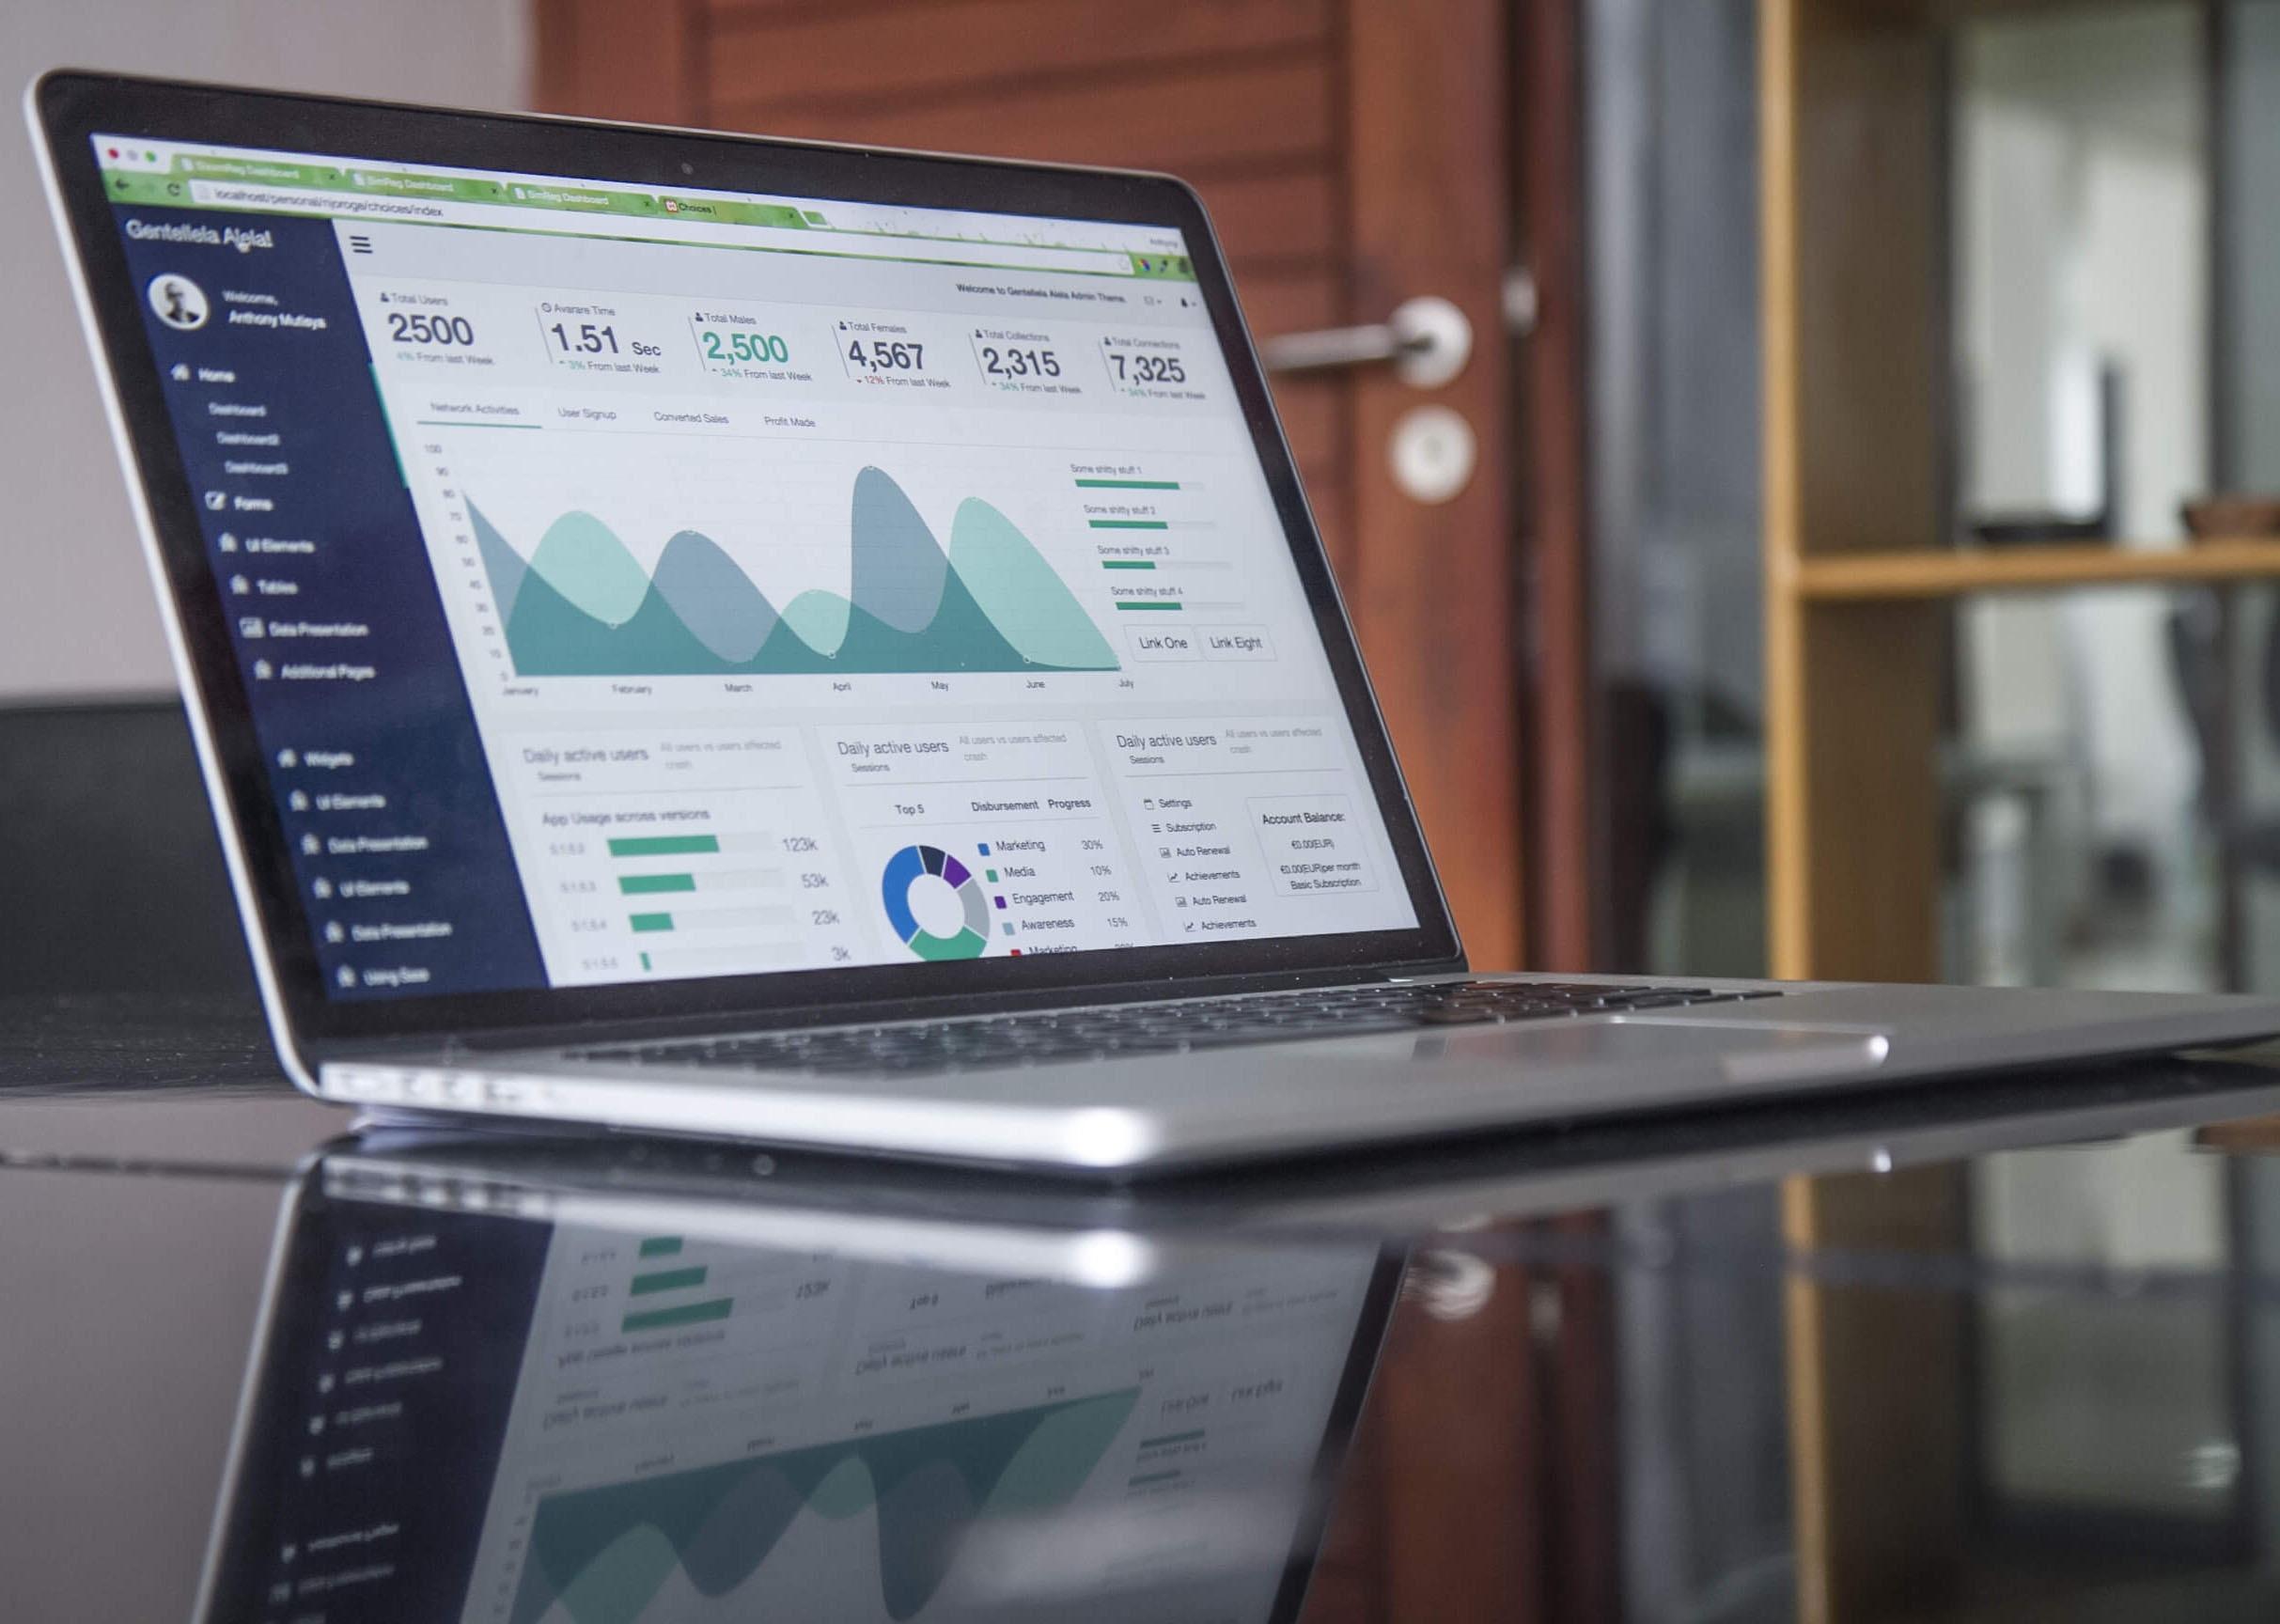 como fazer minha Empresa aparecer no google - ABC Sites e Lojas Criar Site, Criar Loja Online, Marketing e Vendas